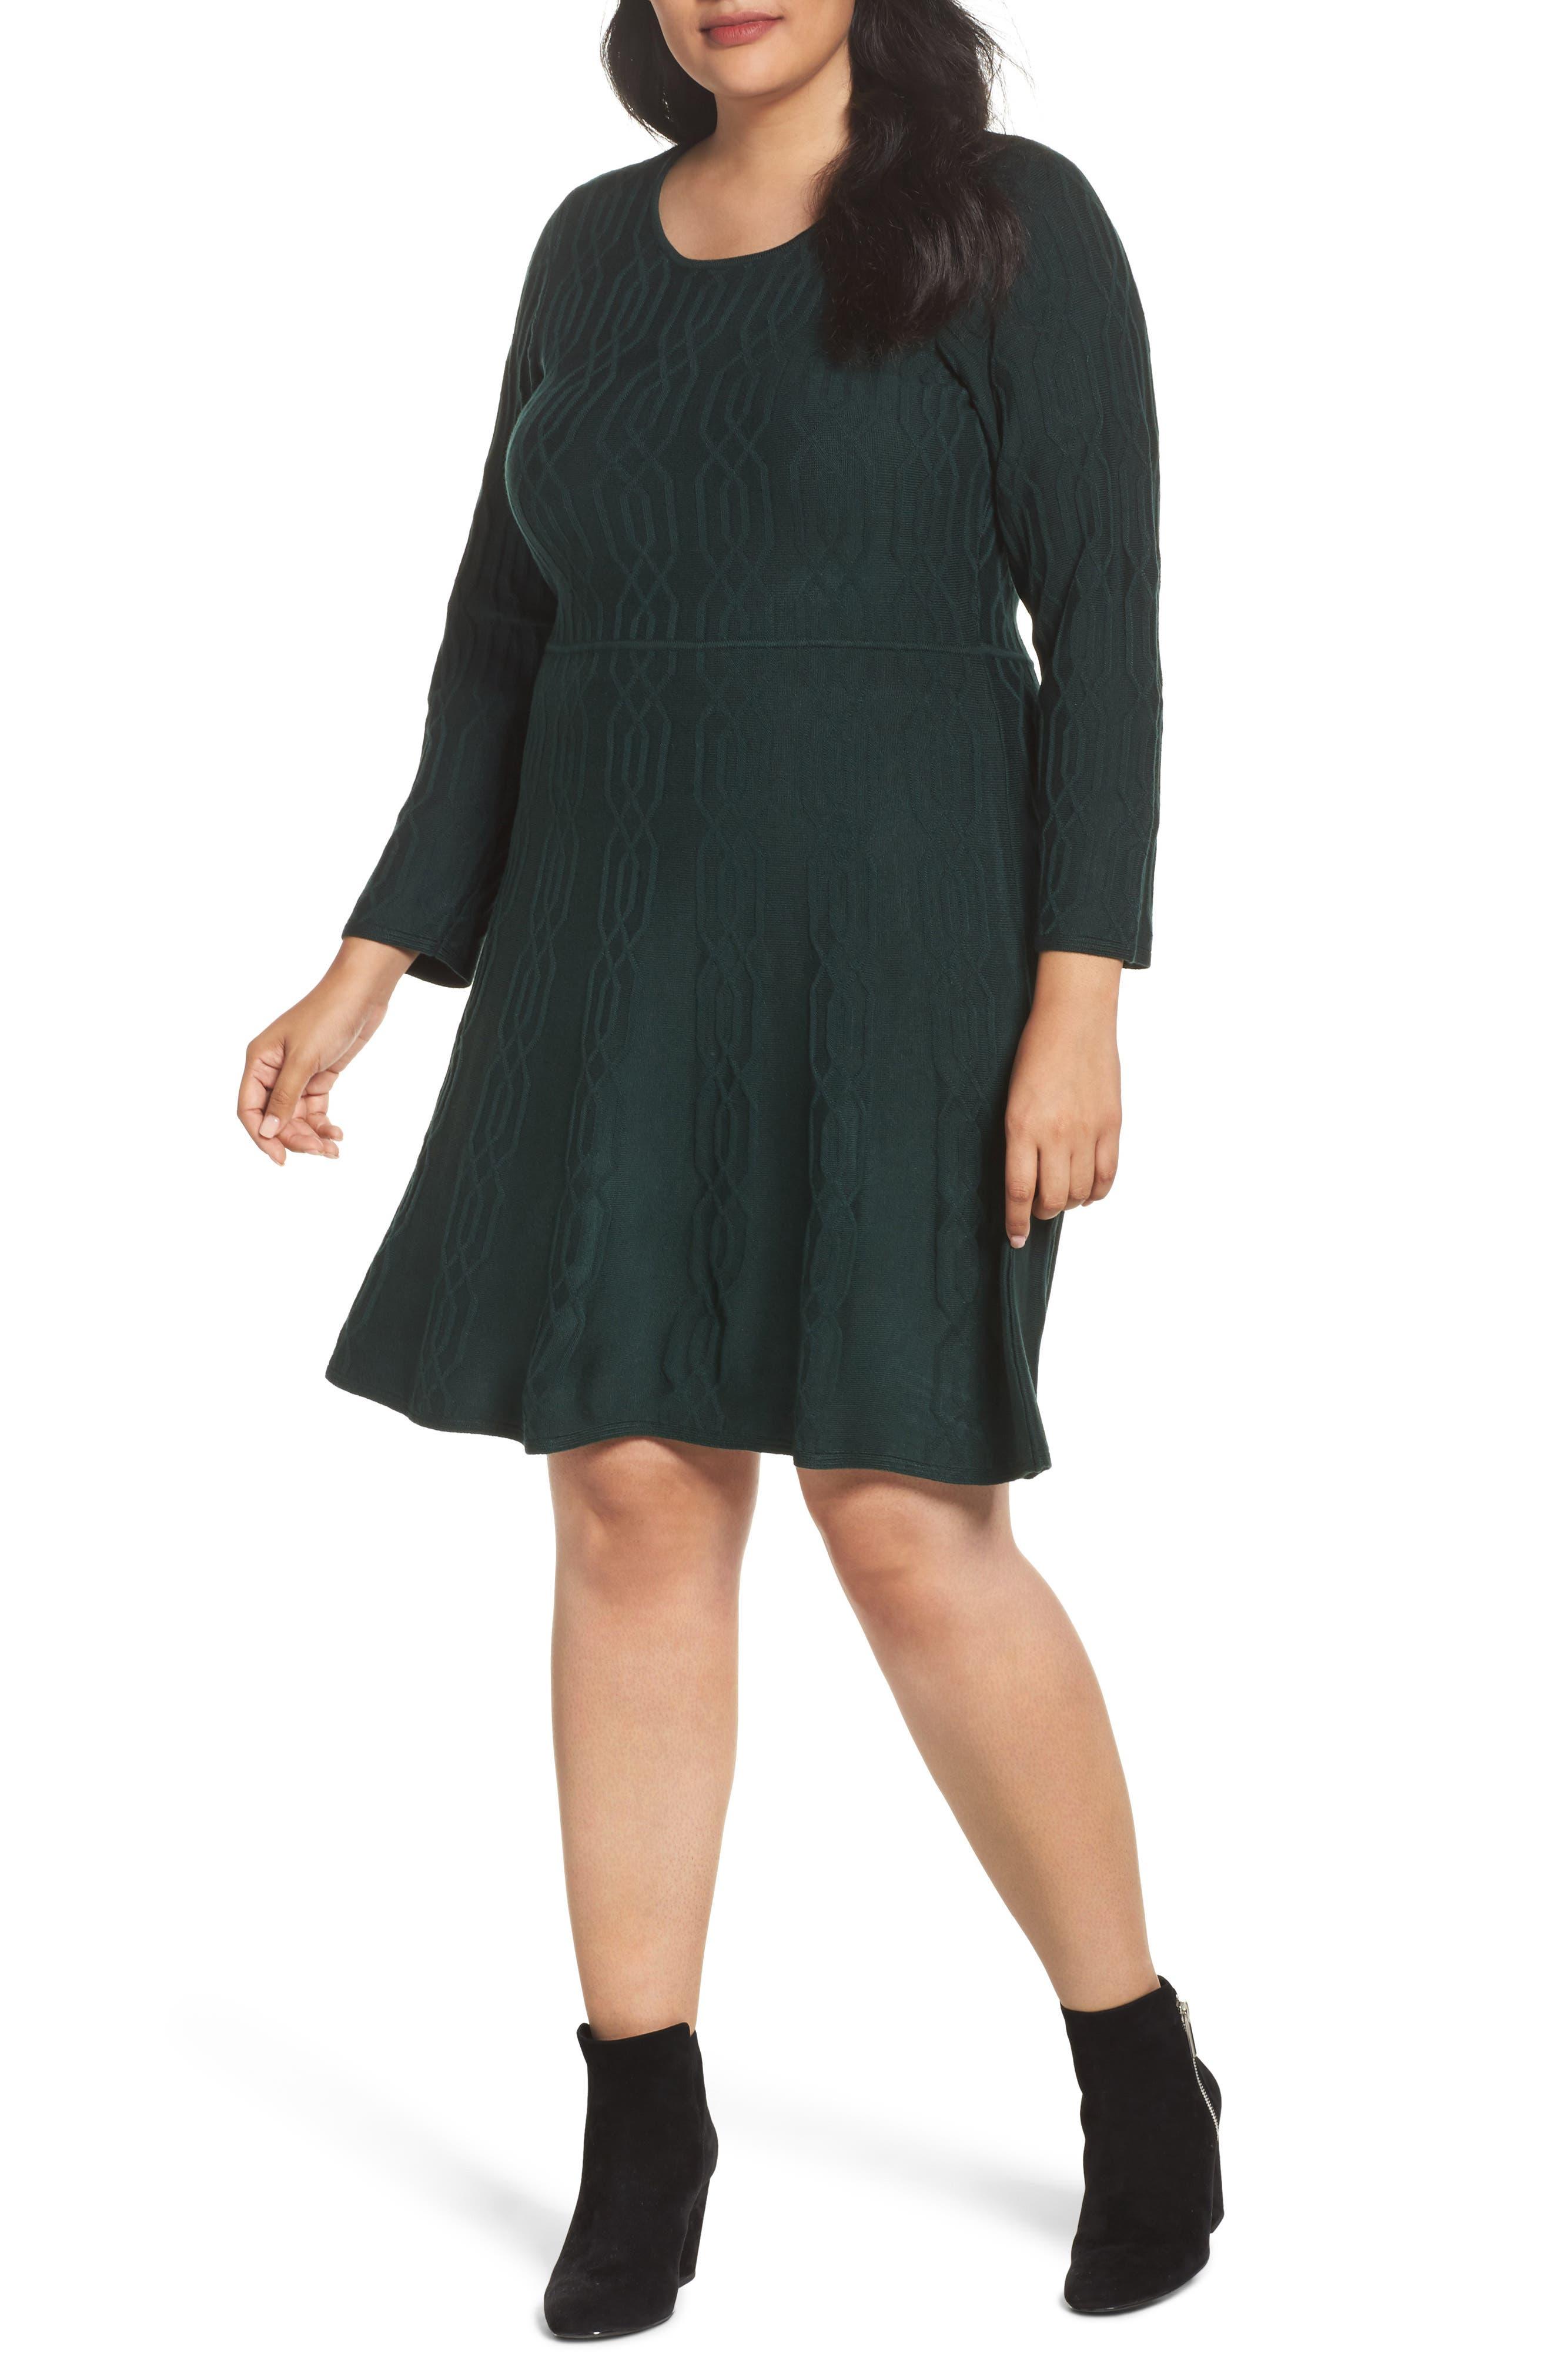 ELIZA J,                             Jacquard Knit Fit & Flare Dress,                             Main thumbnail 1, color,                             310